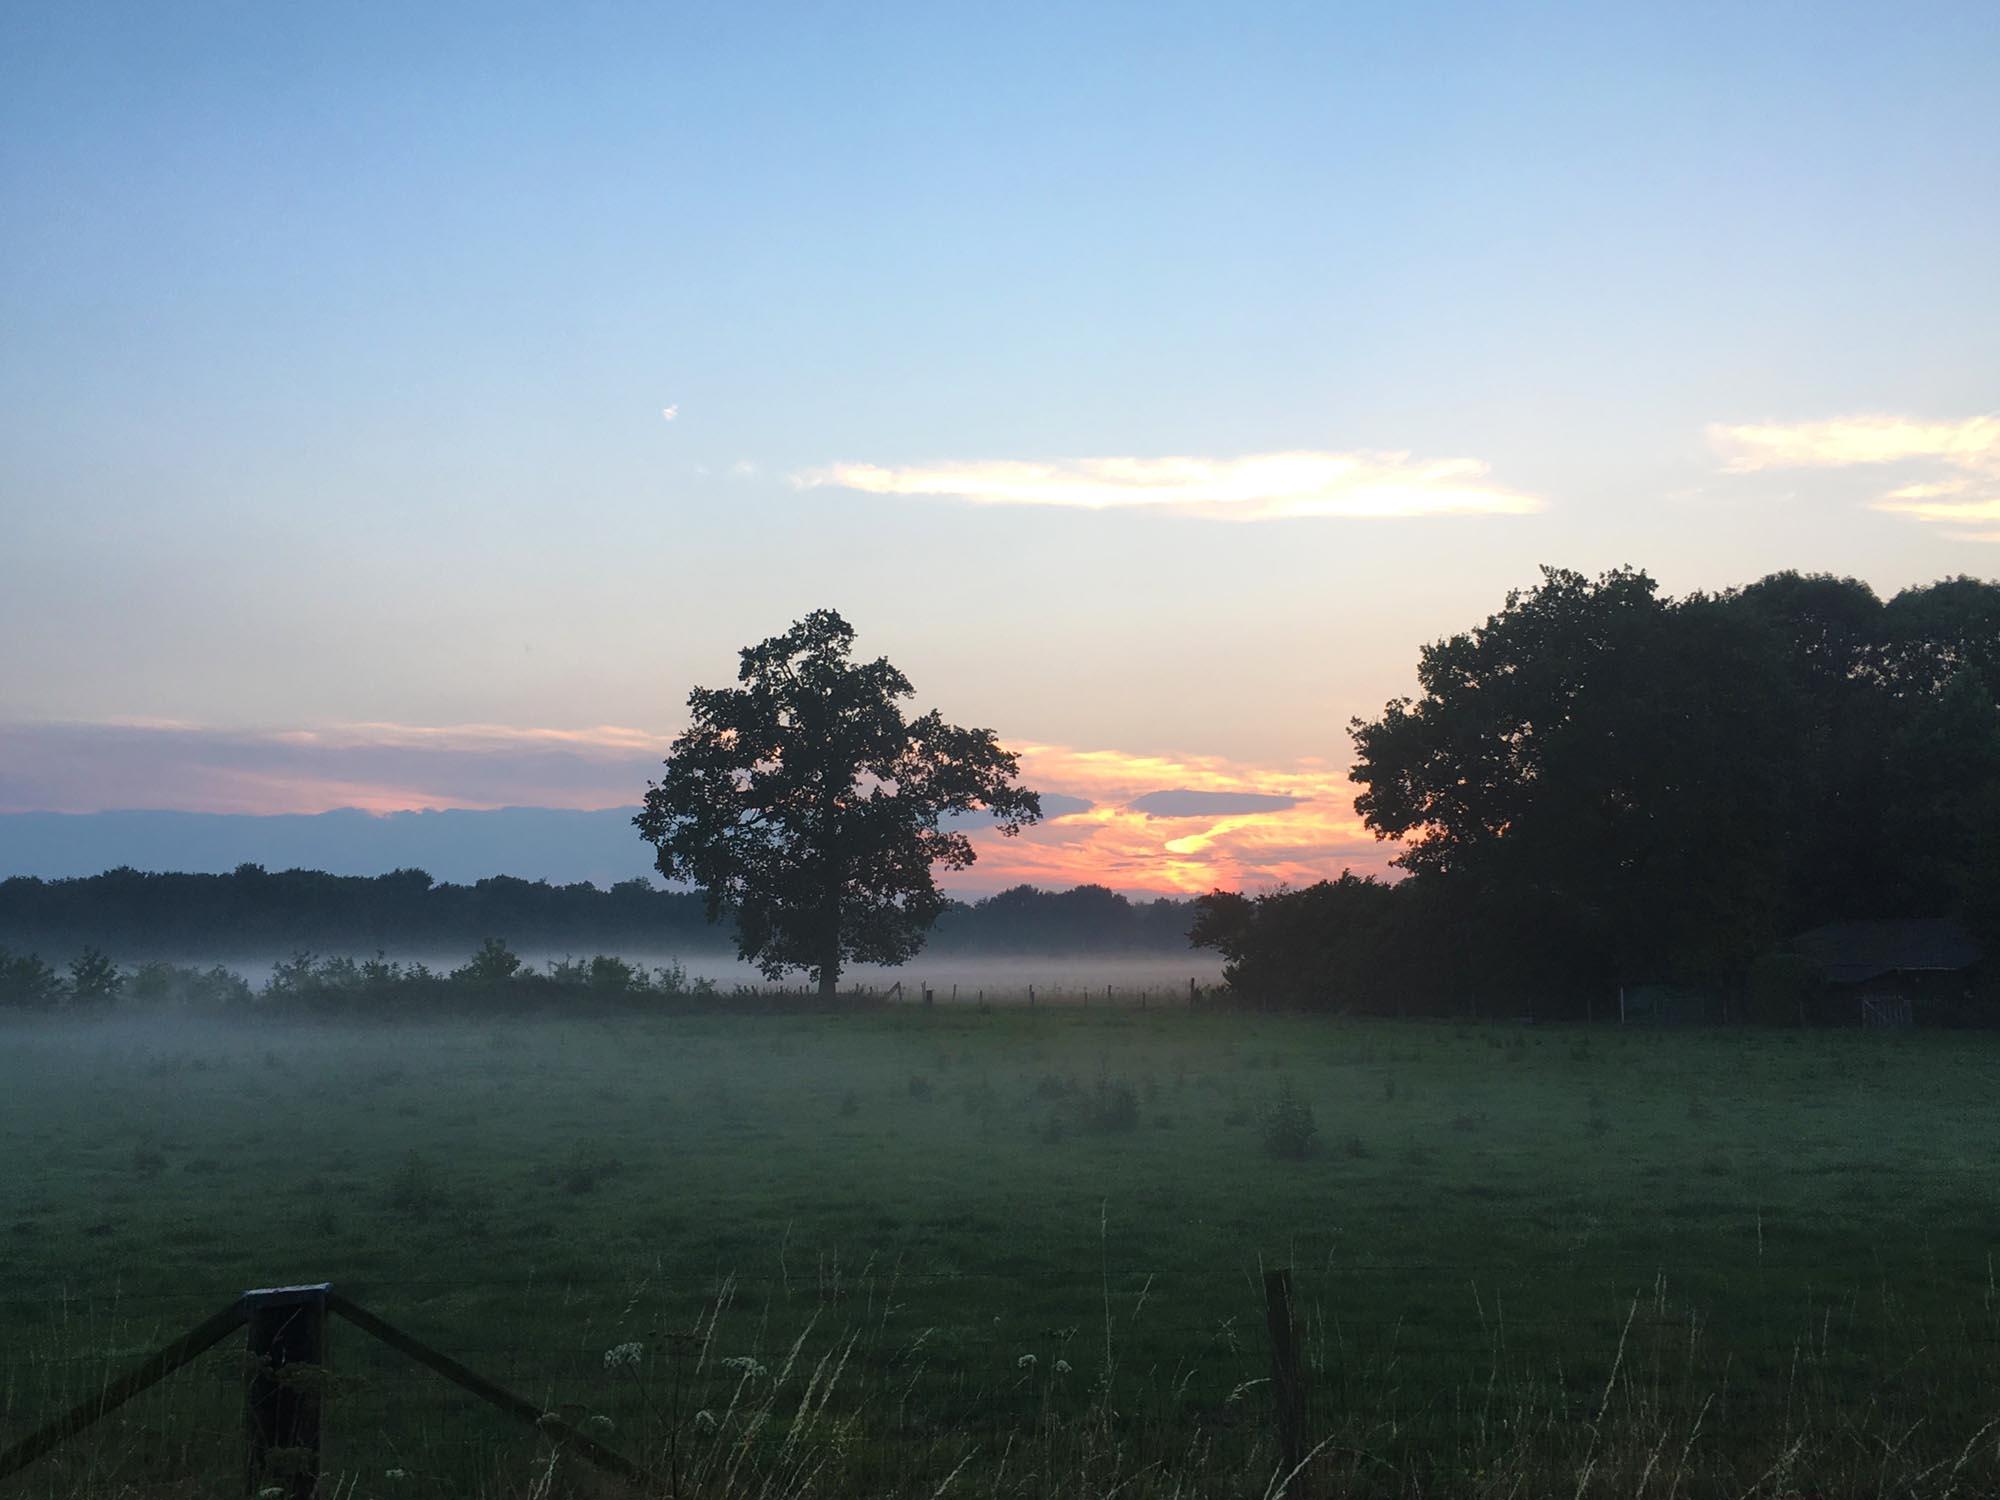 natuur qigong bos zonsondergang wolken weide